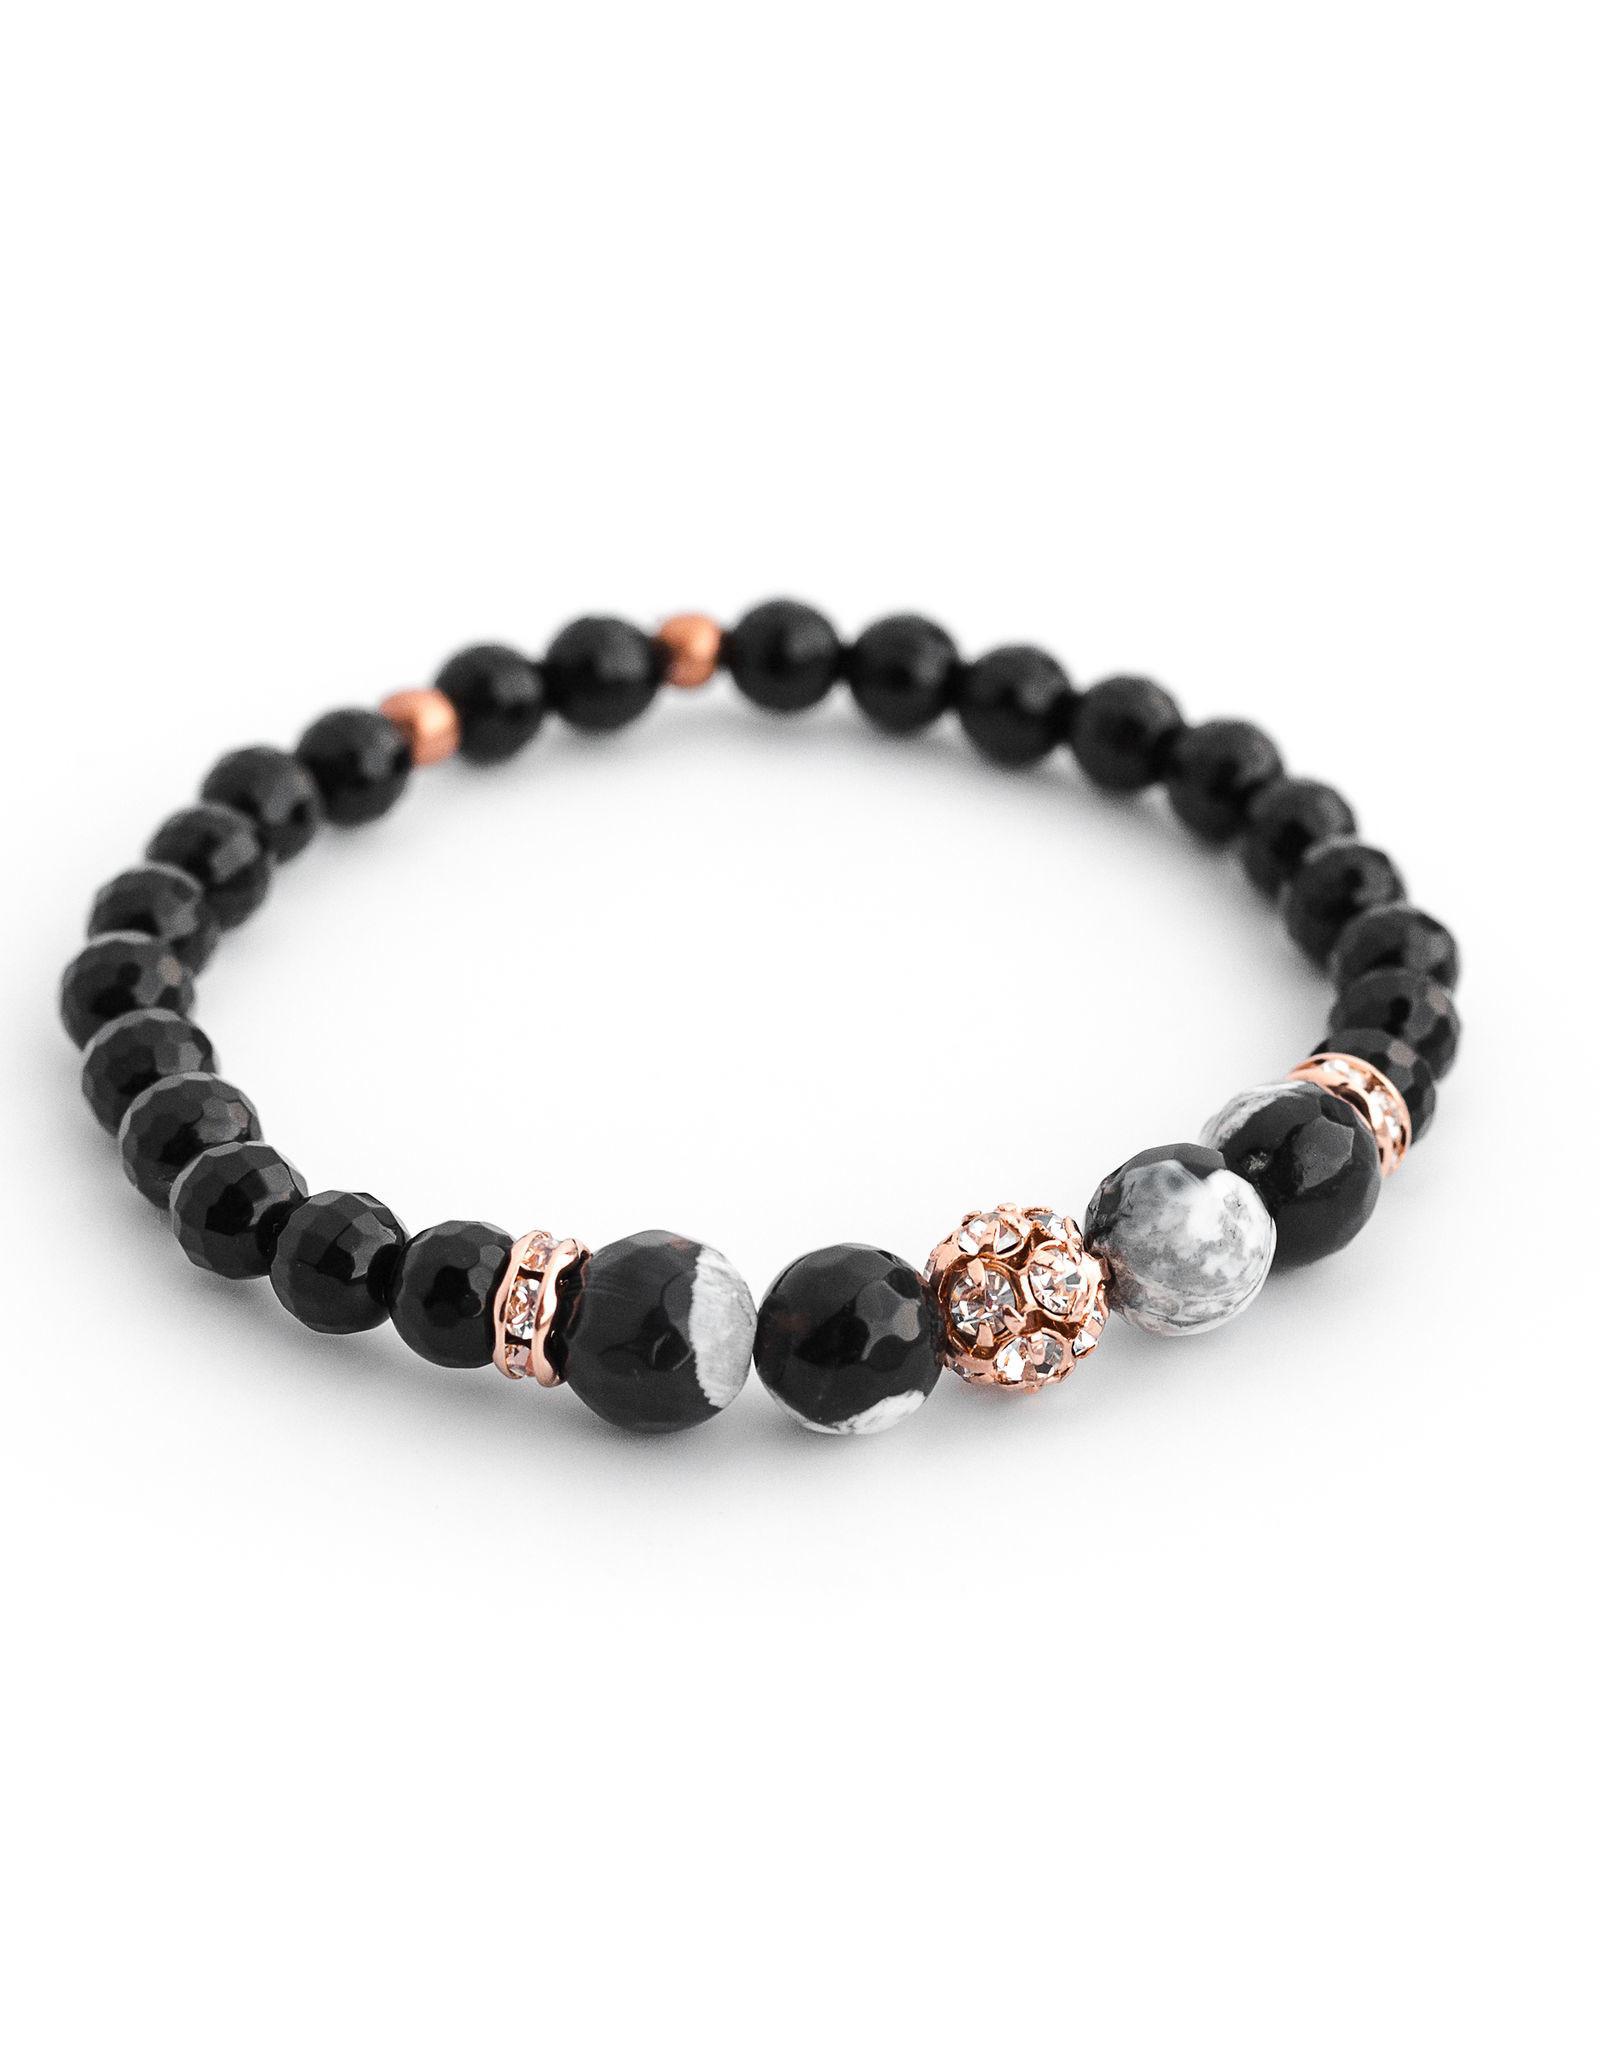 Bijoux Sophistikate Bracelet en pierre semi-précieuse - Trèfle